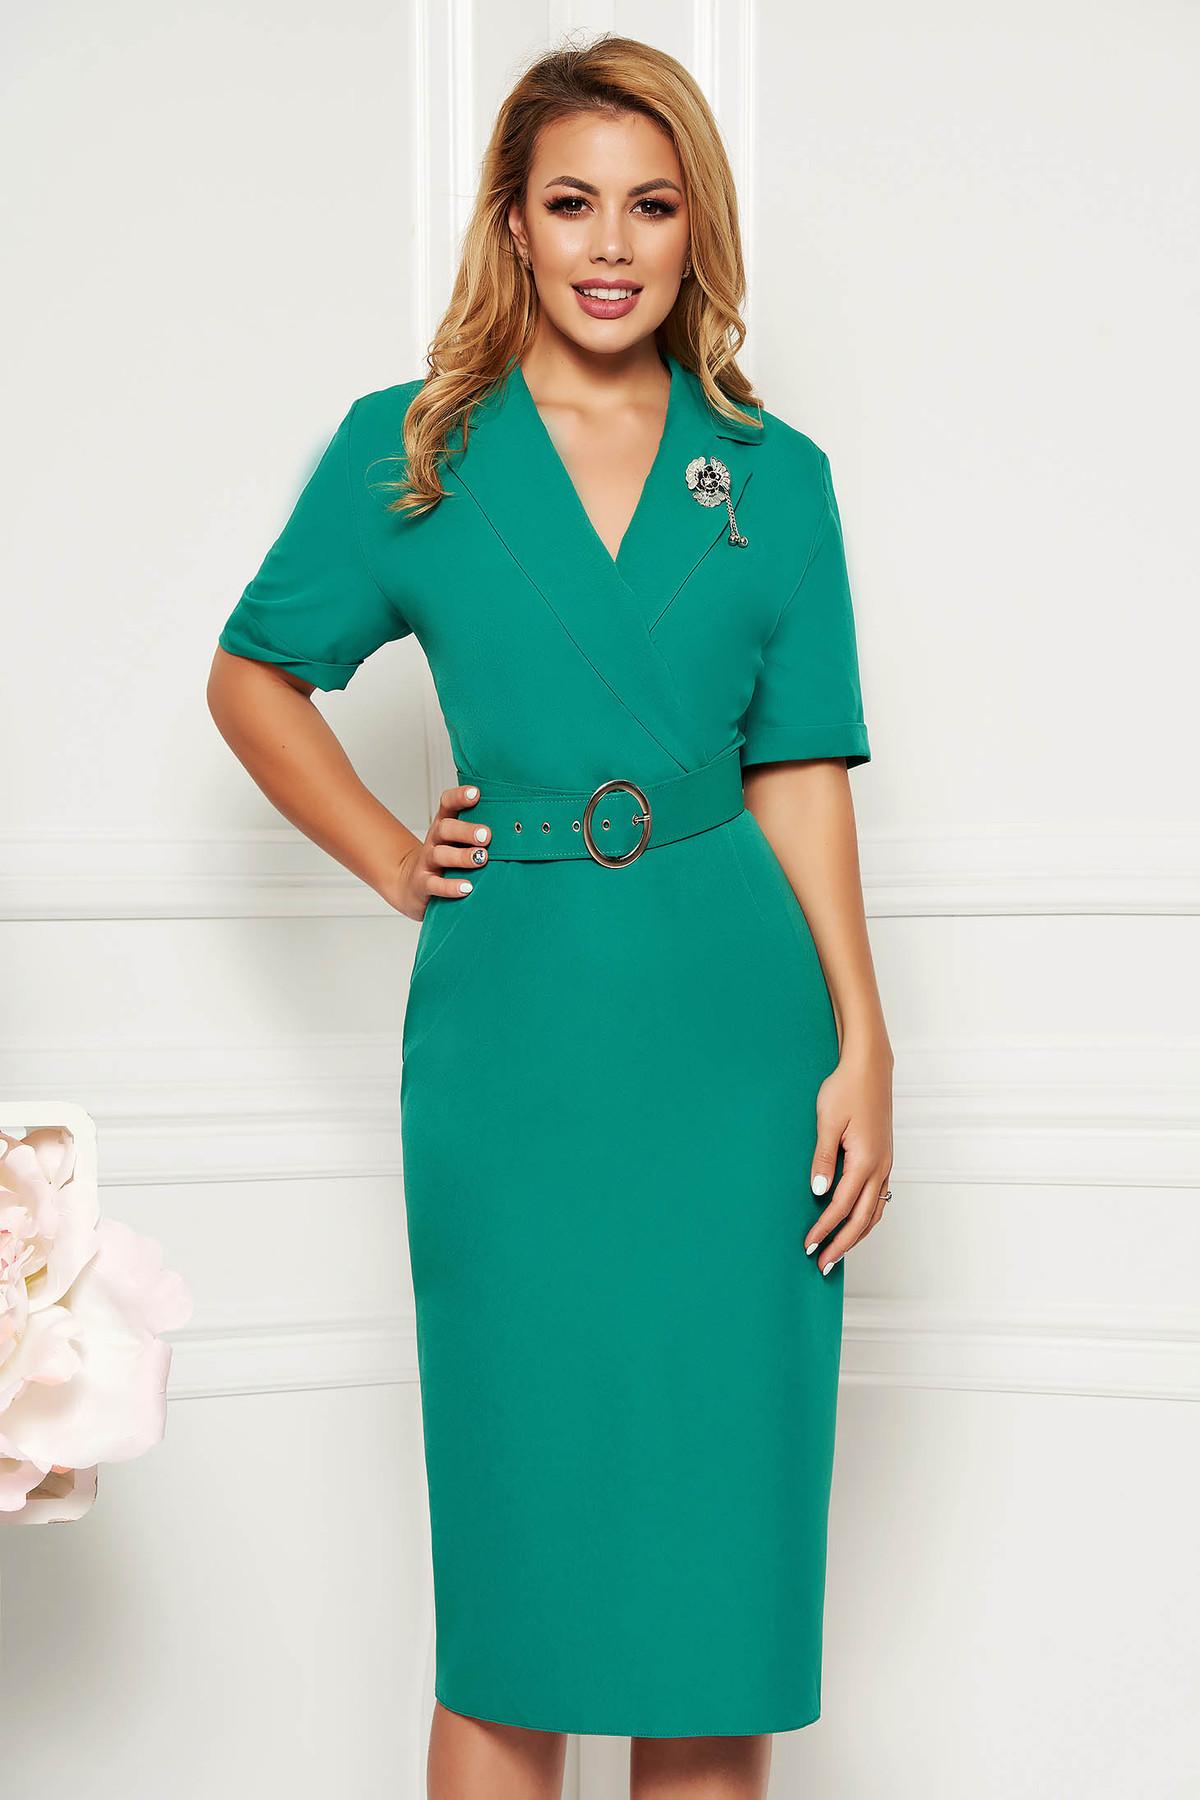 Rochie verde eleganta cu un croi cambrat cu decolteu in v din material usor elastic cu accesoriu tip curea